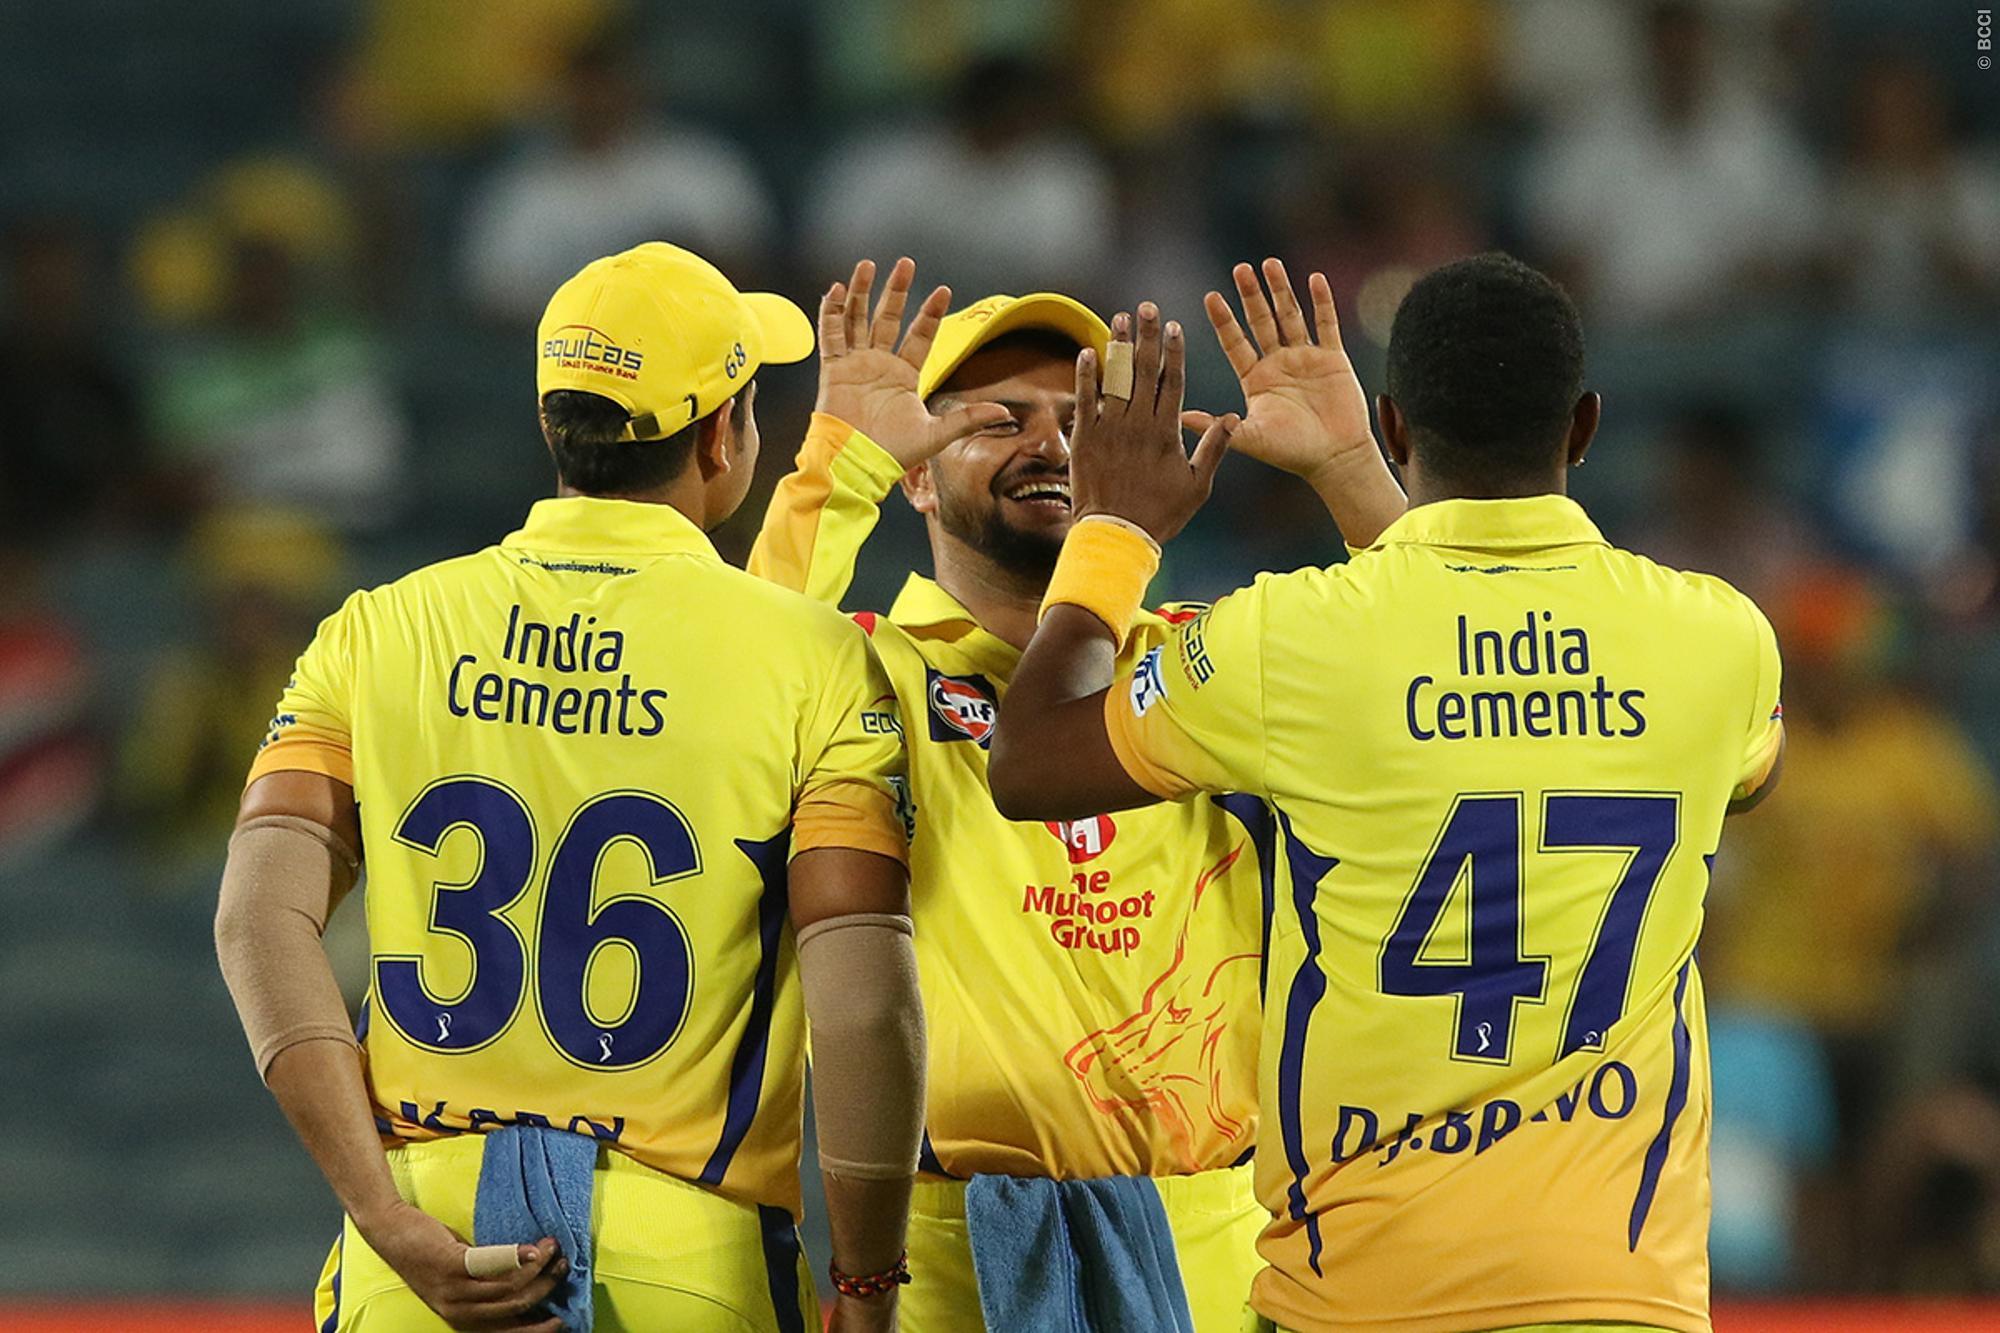 STATS: चेन्नई सुपर किंग्स बनाम राजस्थान रॉयल्स के बीच मैच में बने कुल 6 रिकॉर्ड, तो ऐसा करने वाले दुनिया के एकलौते बल्लेबाज बने शेन वाटसन 2